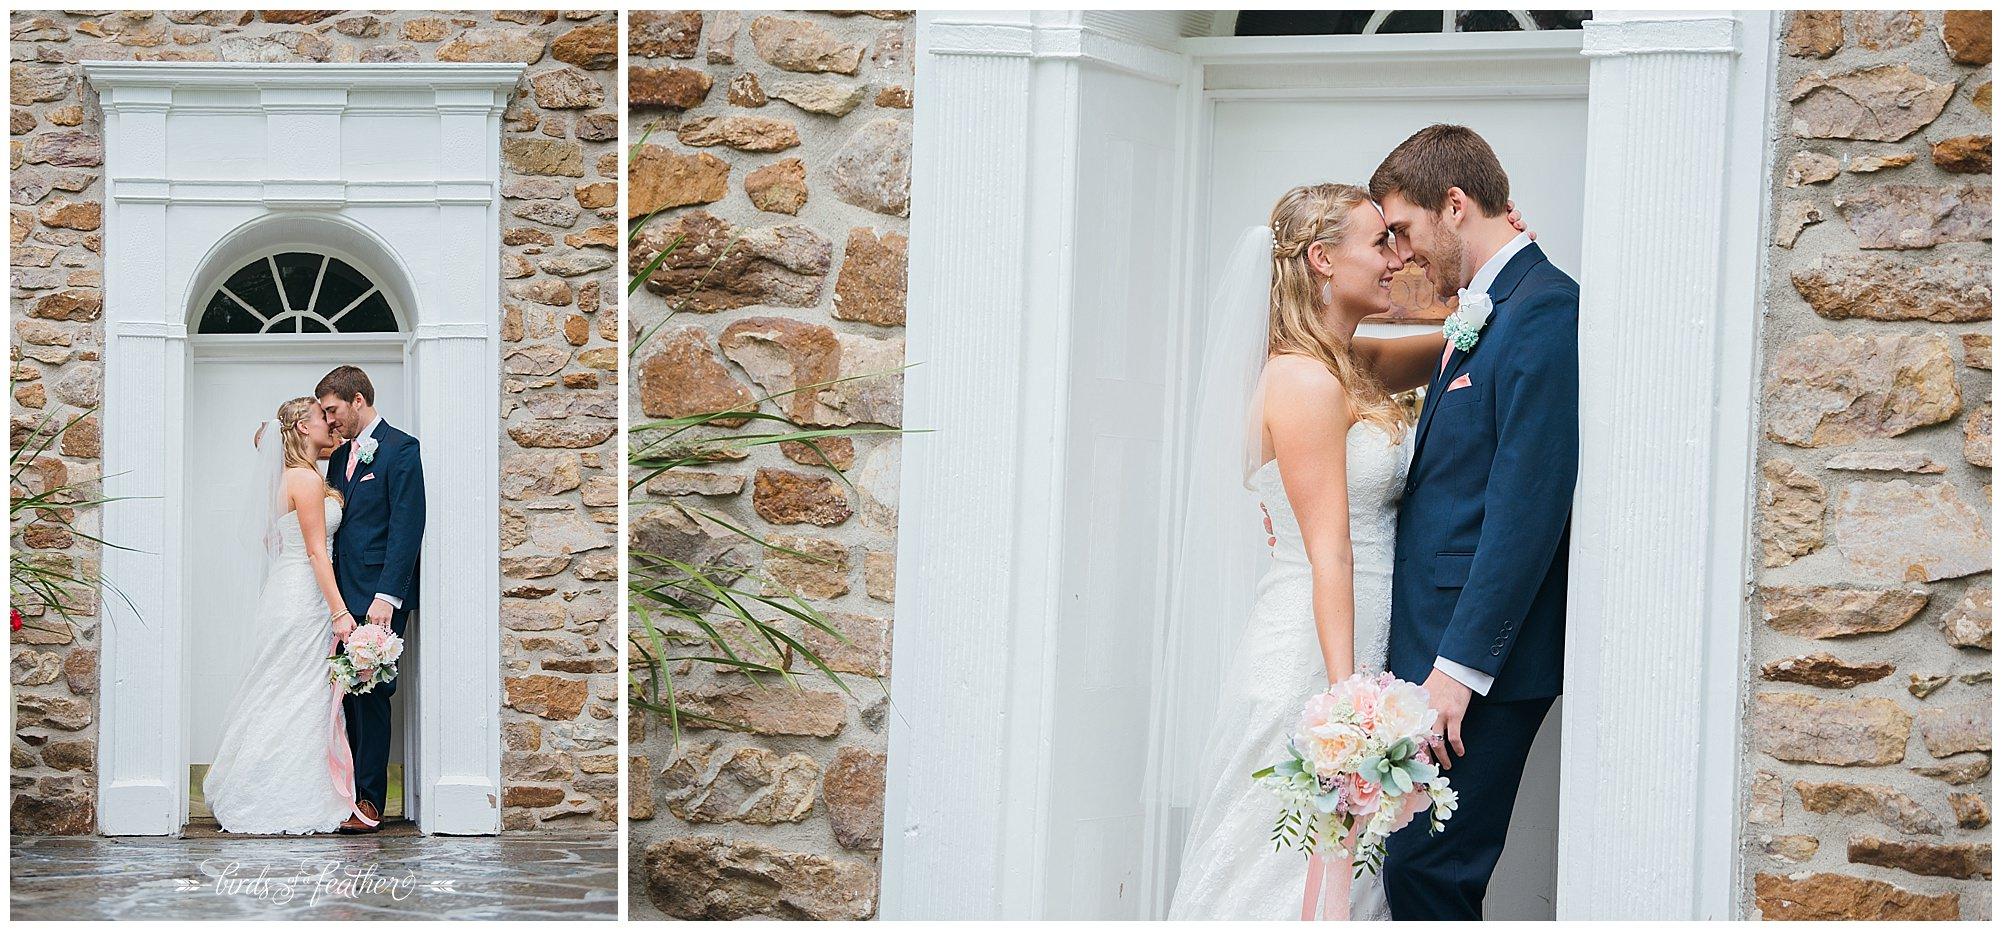 Birds of a Feather Photography Bally Spring Inn Wedding Photographer 20